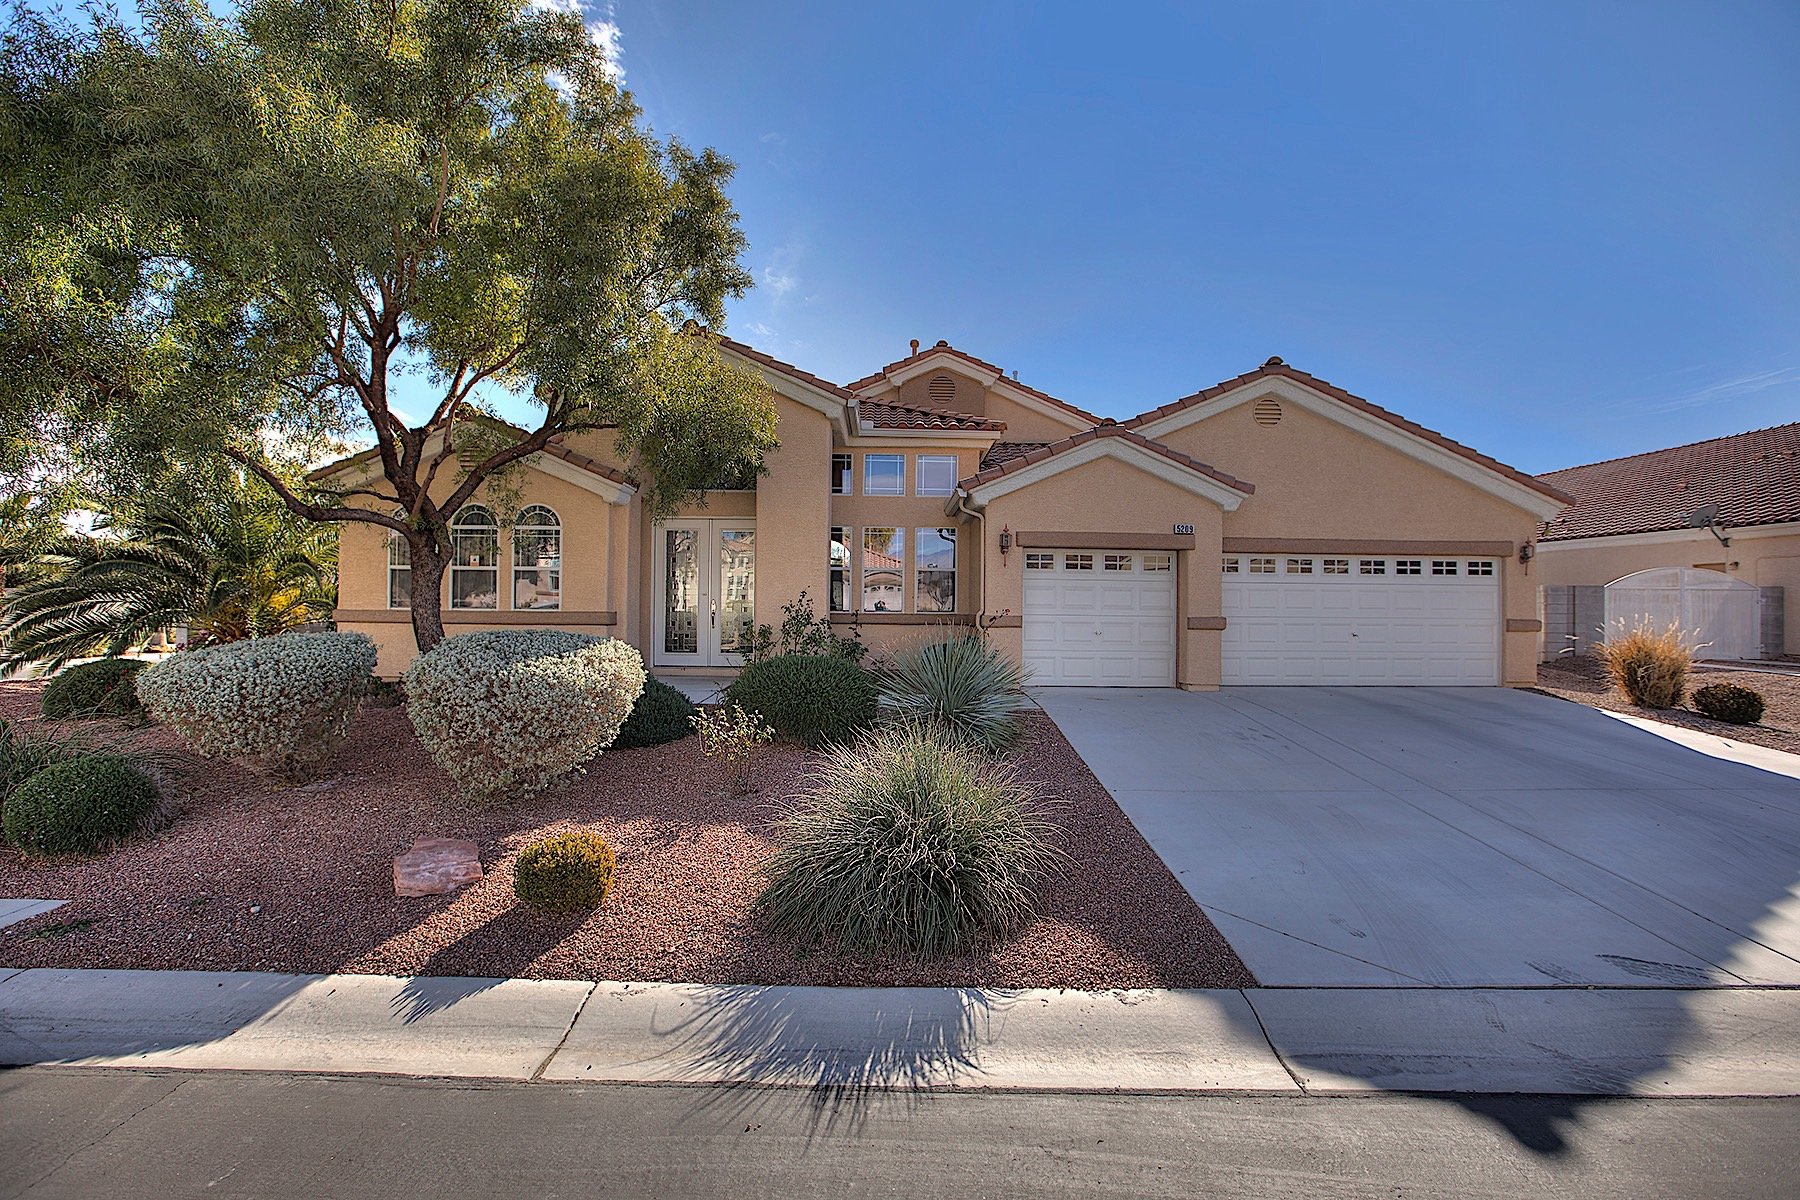 Villa per Vendita alle ore 5209 Primrose Ave Las Vegas, Nevada, 89131 Stati Uniti